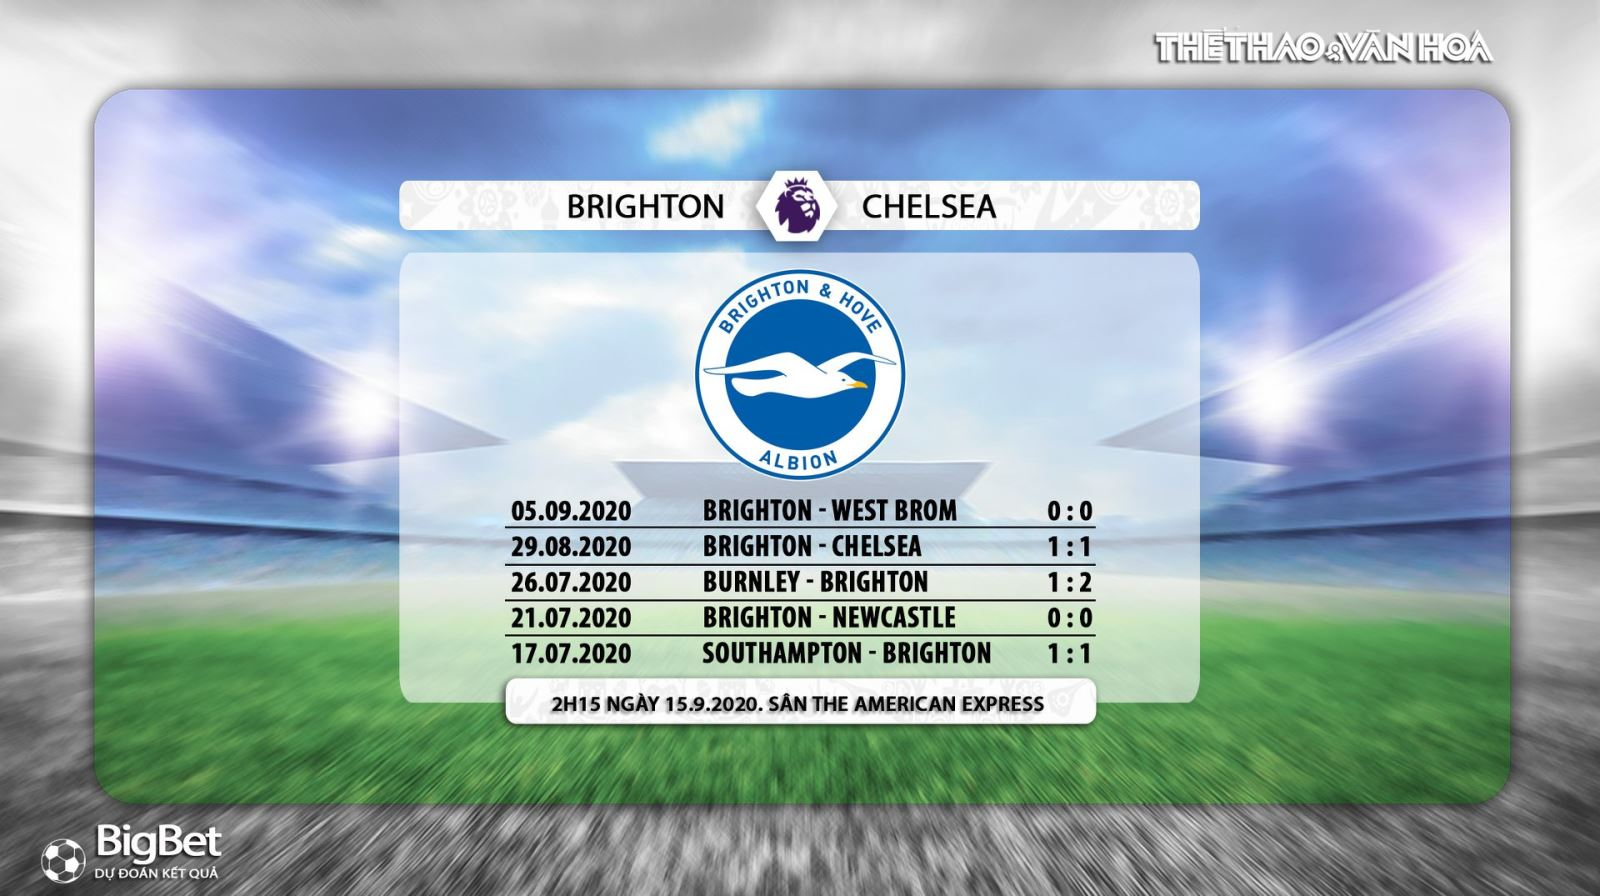 Brighton vs Chelsea, Chelsea, Brighton, soi kèo Brighton vs Chelsea, nhận định Brighton vs Chelsea, bóng đá, bong da, kèo bóng đá